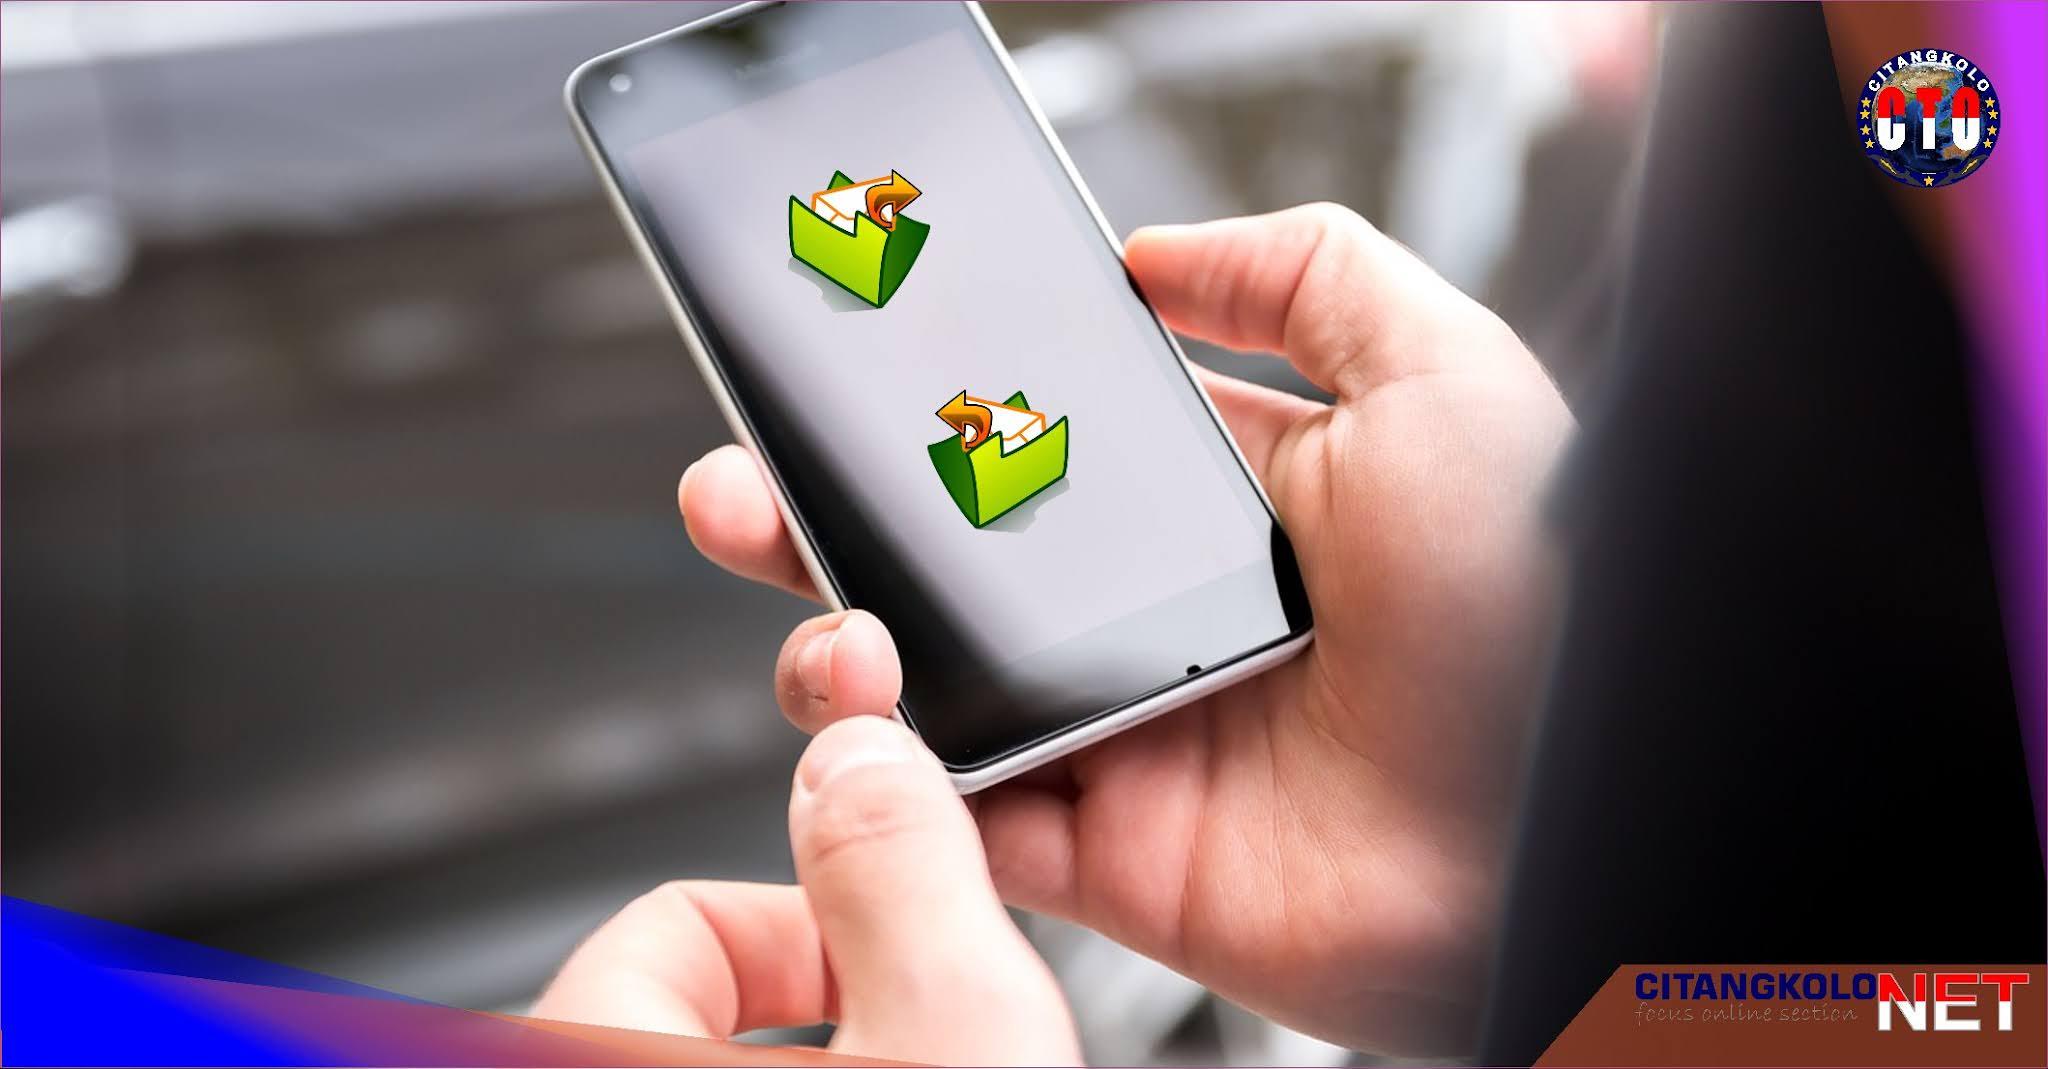 mengembalikan folder yang terhapus di android